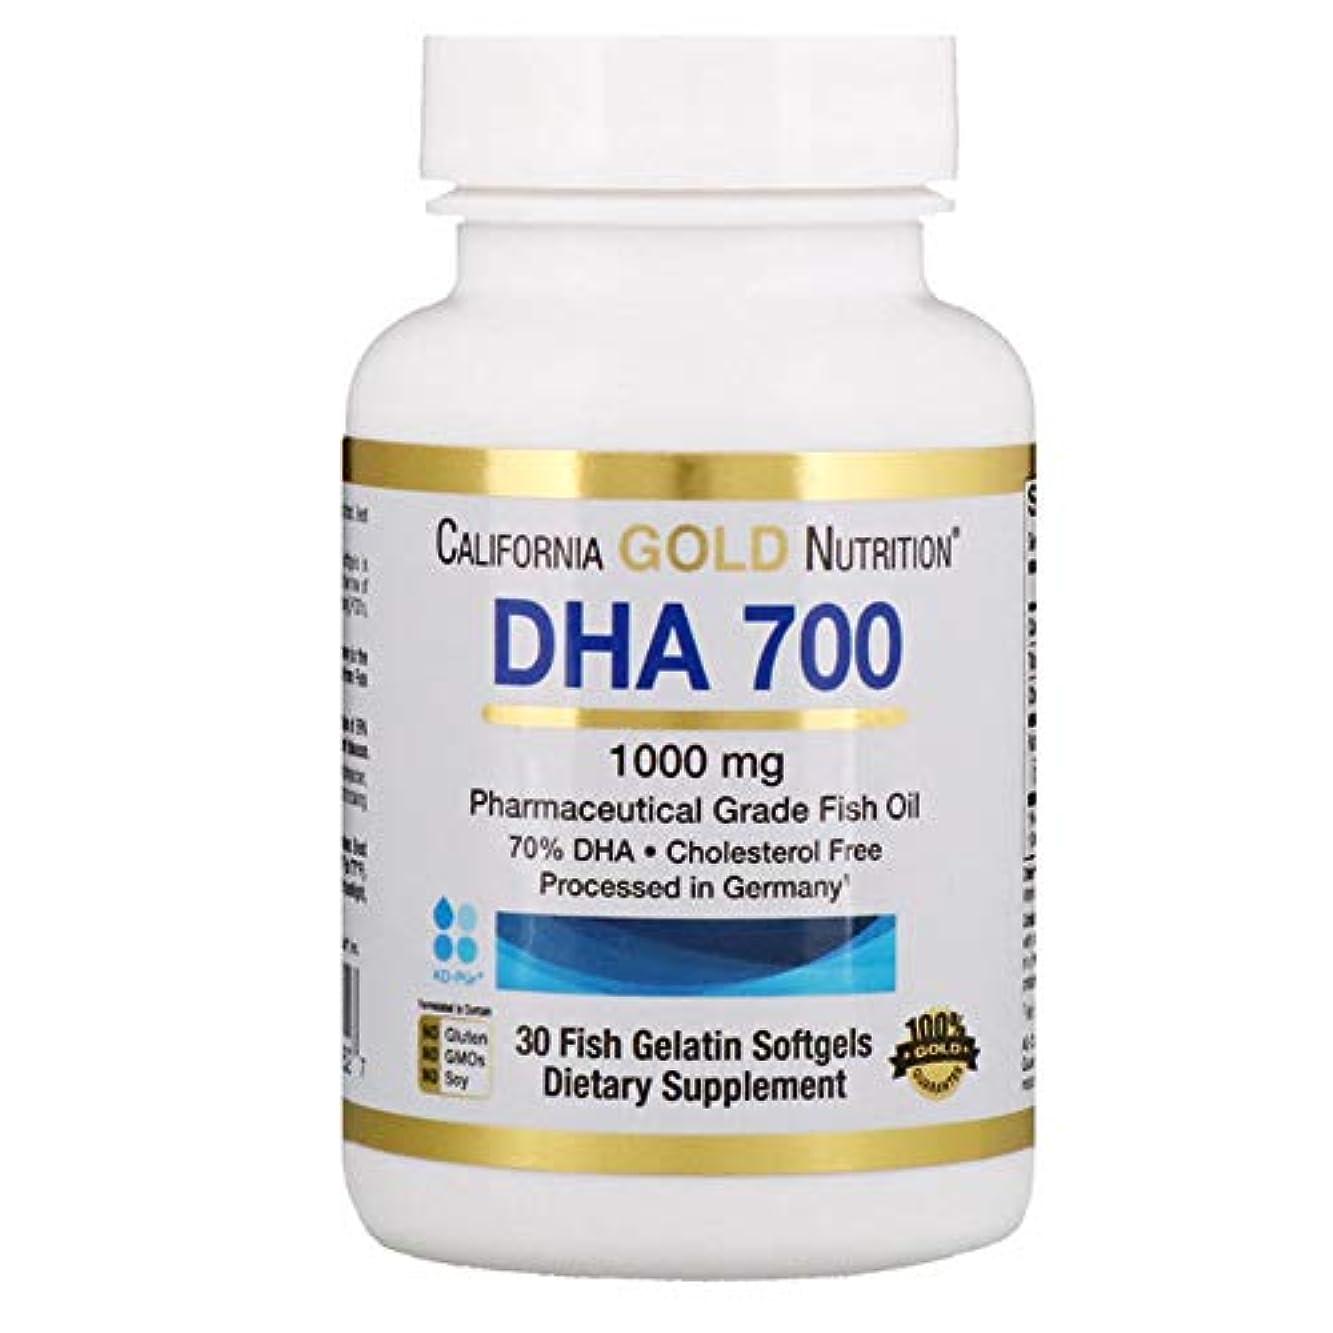 ギャラントリーパブ命題California Gold Nutrition DHA 700 フィッシュオイル 医薬品グレード 1000 mg 魚ゼラチンソフトジェル 30個 【アメリカ直送】